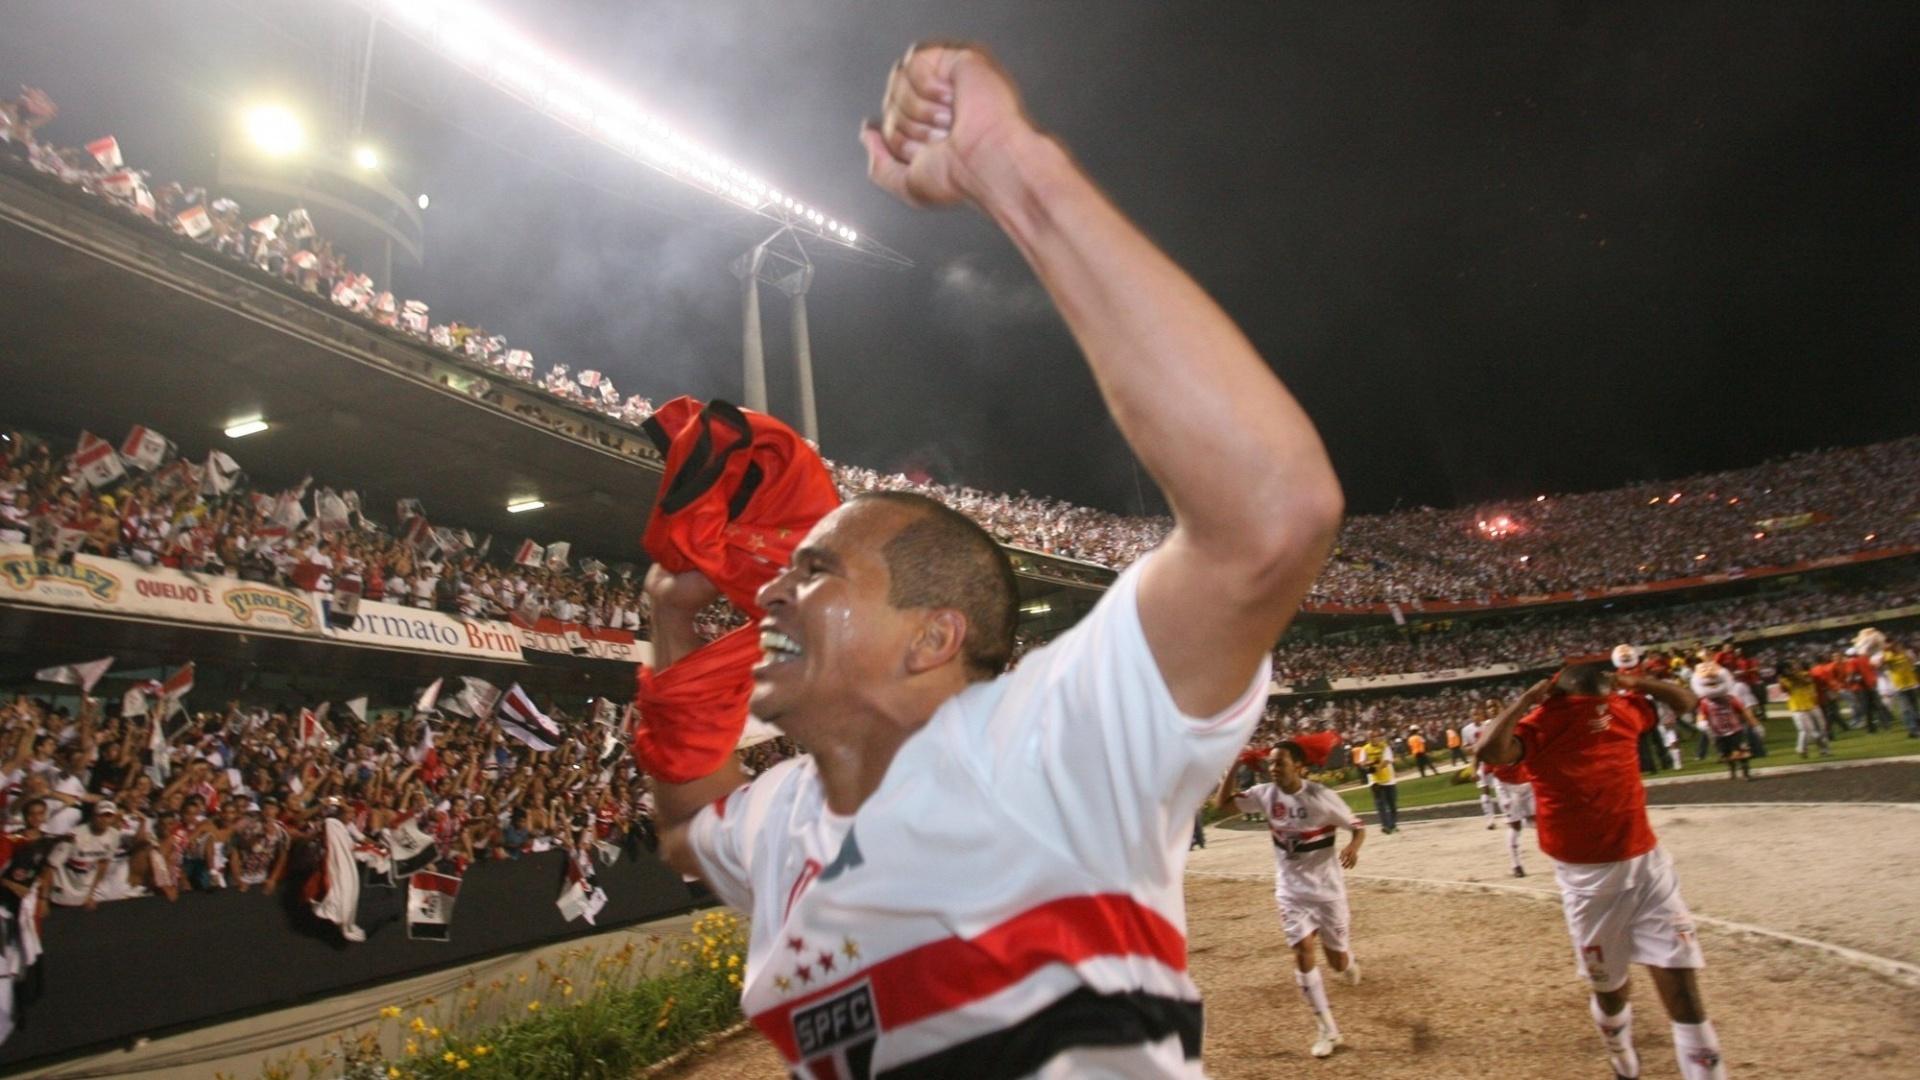 Aloisio comemora o título do Campeonato Brasileiro, em 2007; foi com a camisa do São Paulo que o jogador teve seu melhor momento